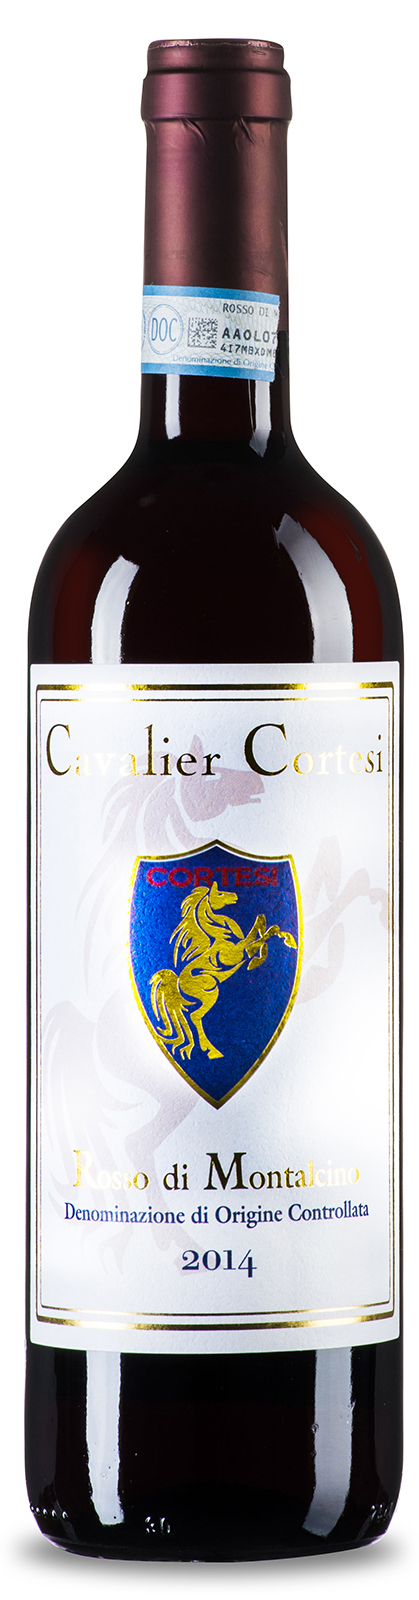 Cavalier Cortesi Rosso di Montalcino DOC